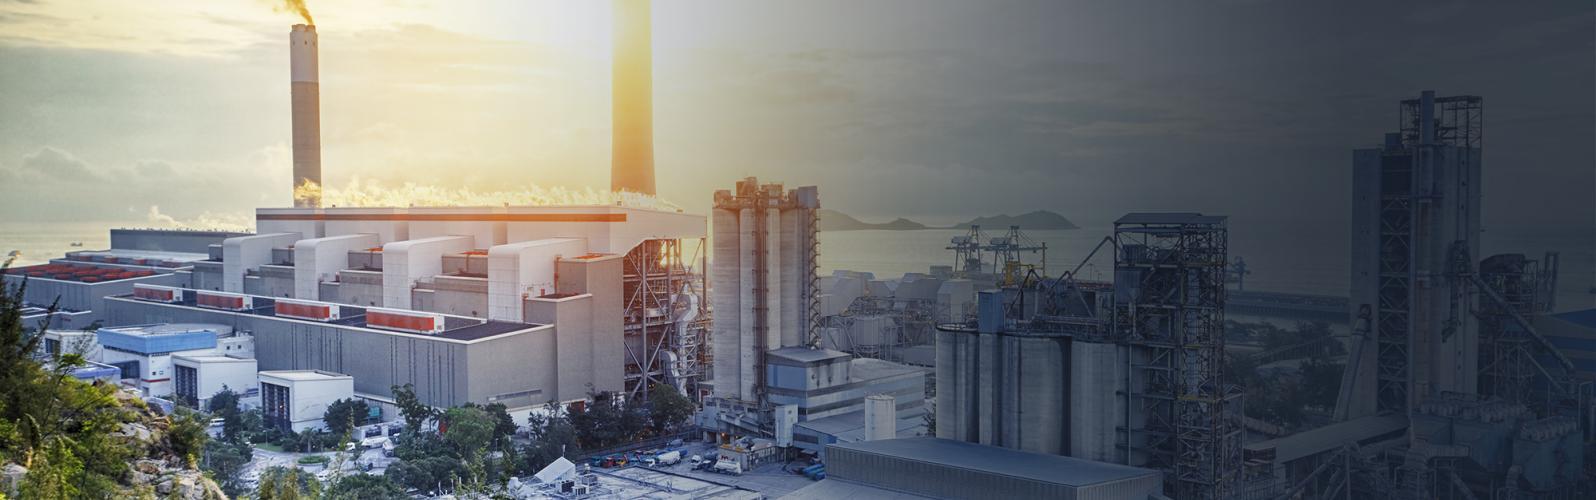 Fornitore di pompe e sistemi industriali per i settori del petrolio e gas, agroalimentare e qualsiasi tipo di industria